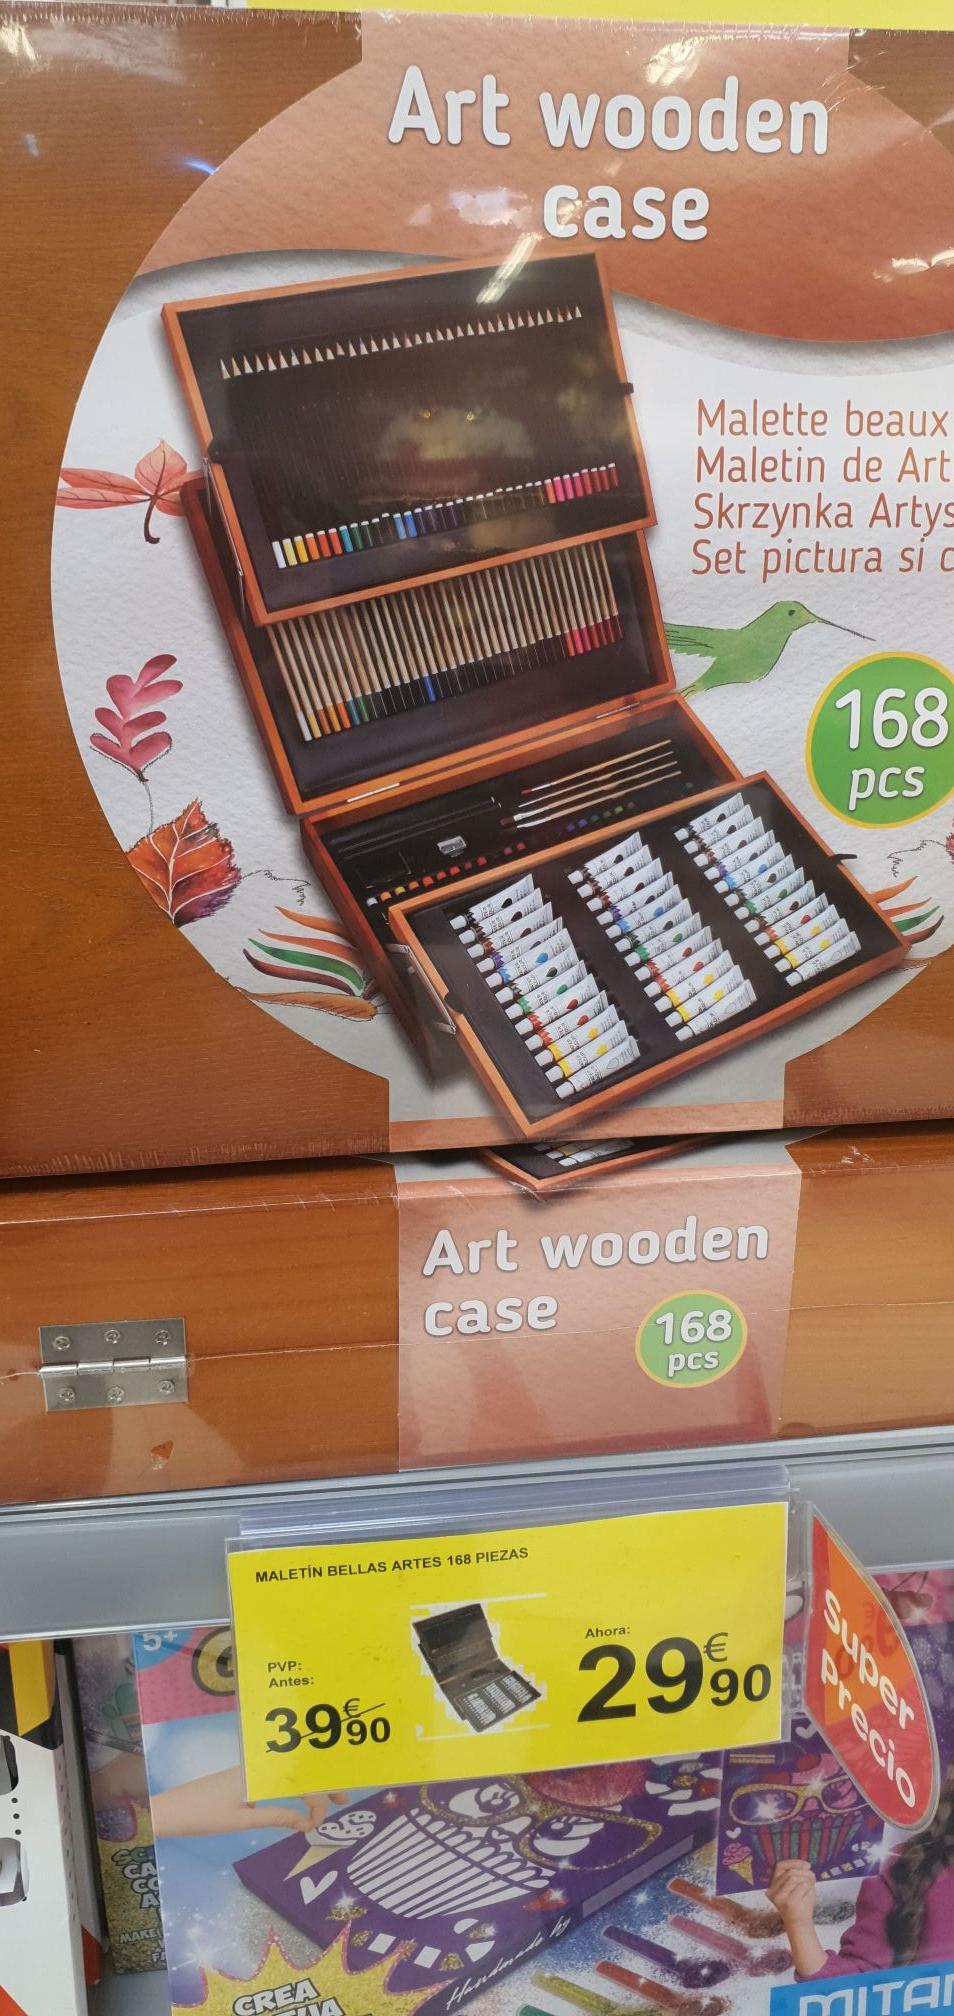 Maletín de madera set de pintura con 168 piezas en Carrefour de Carretera Utrera